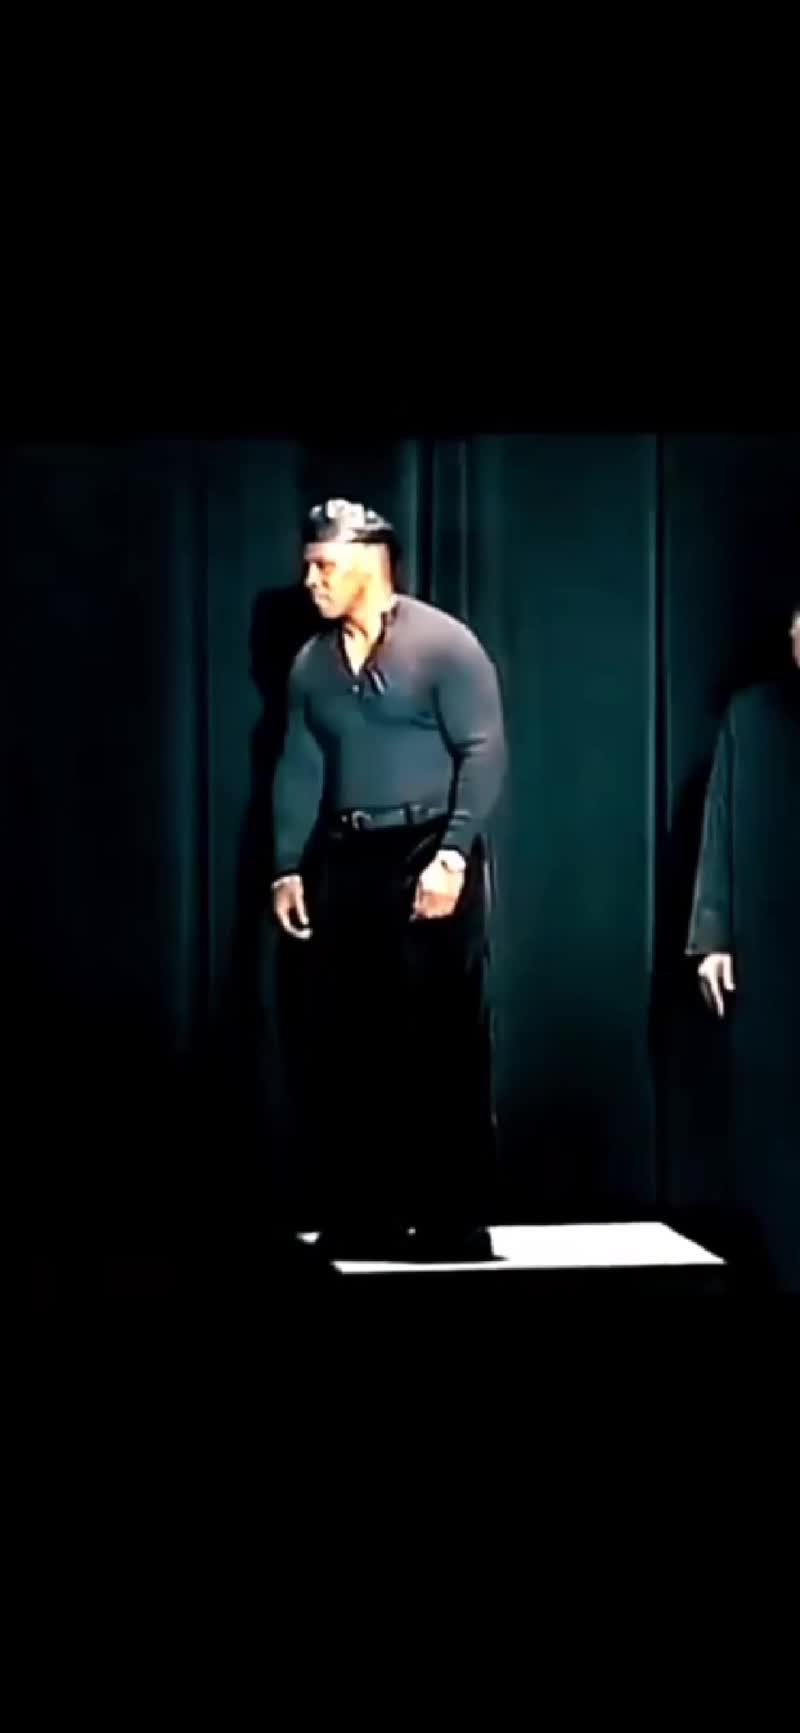 Тяжёлый нокаут от Леннокса Льюиса против Майка Тайсона